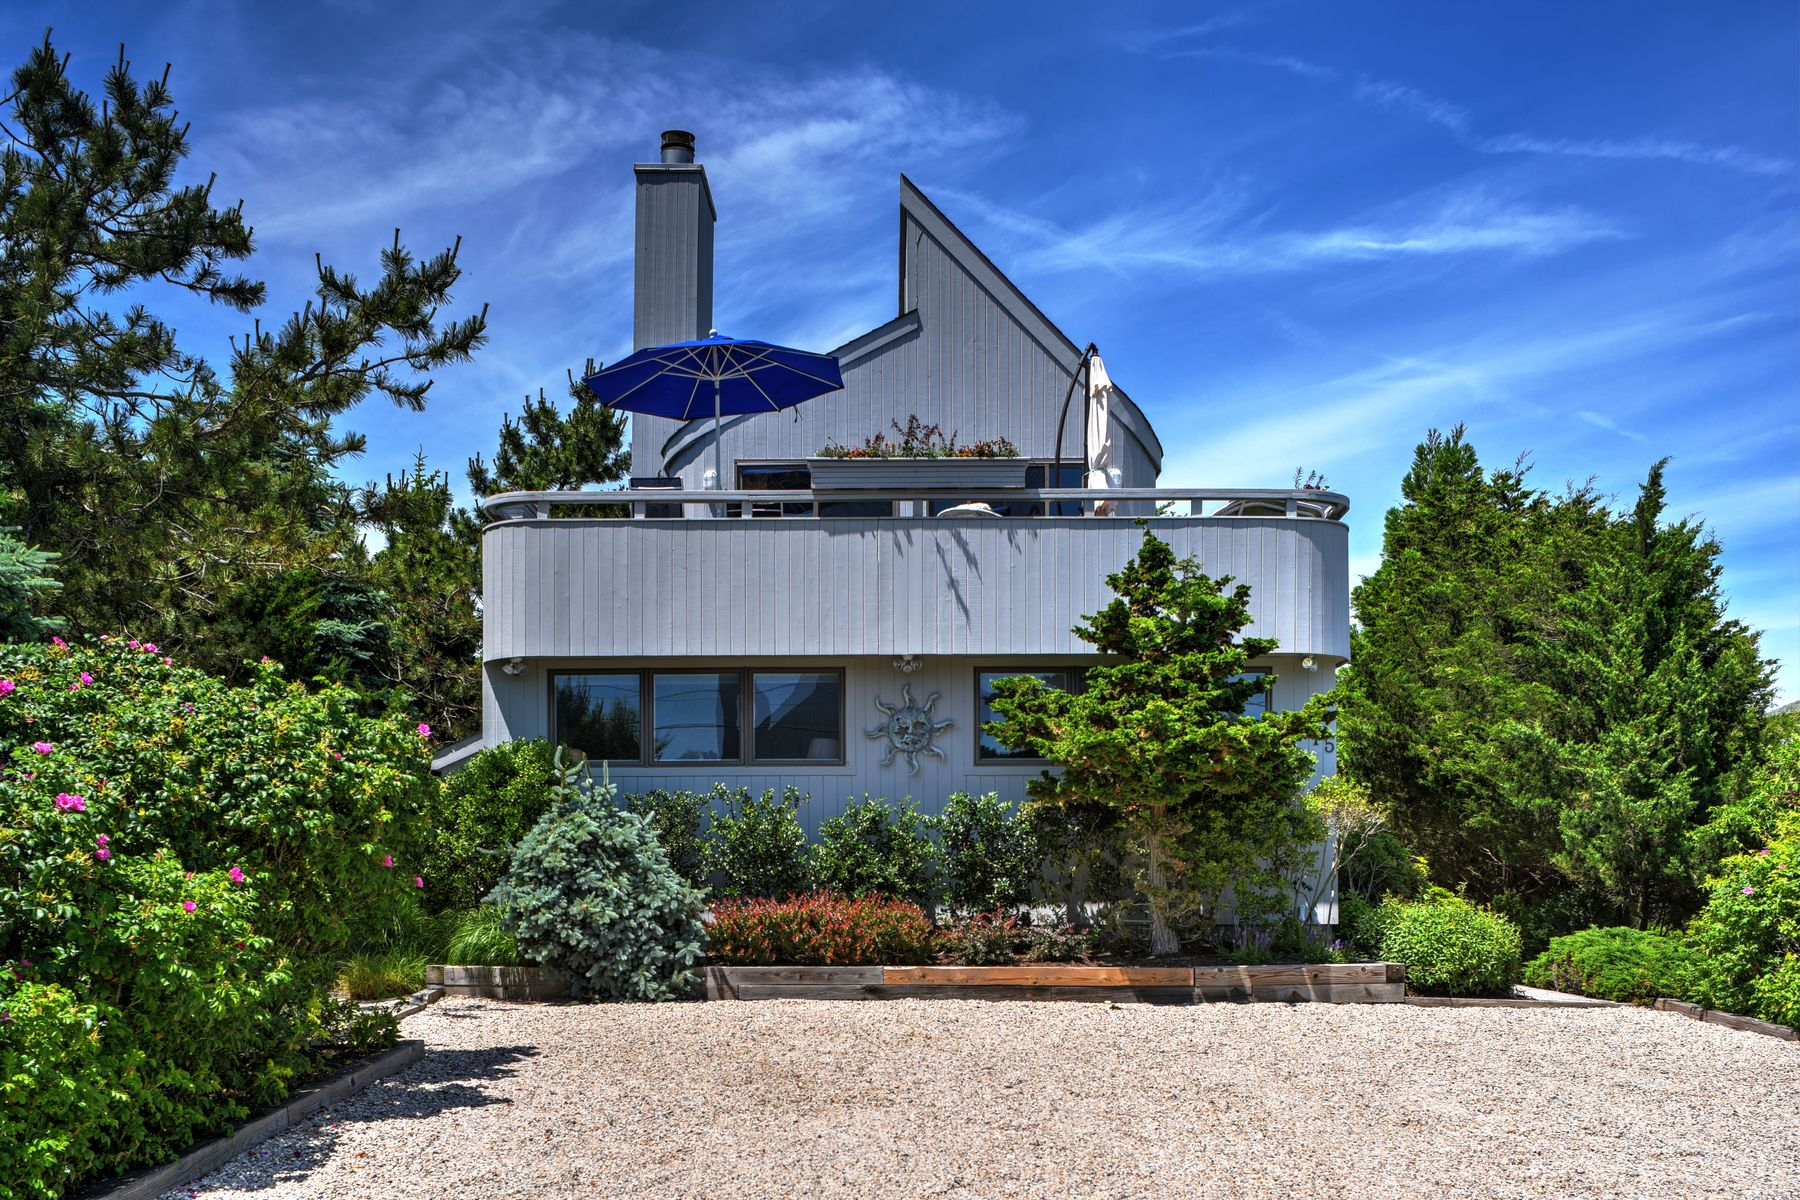 Single Family Homes for Sale at Amagansett Dunes Beach House 75 Osprey Road Amagansett, New York 11930 United States